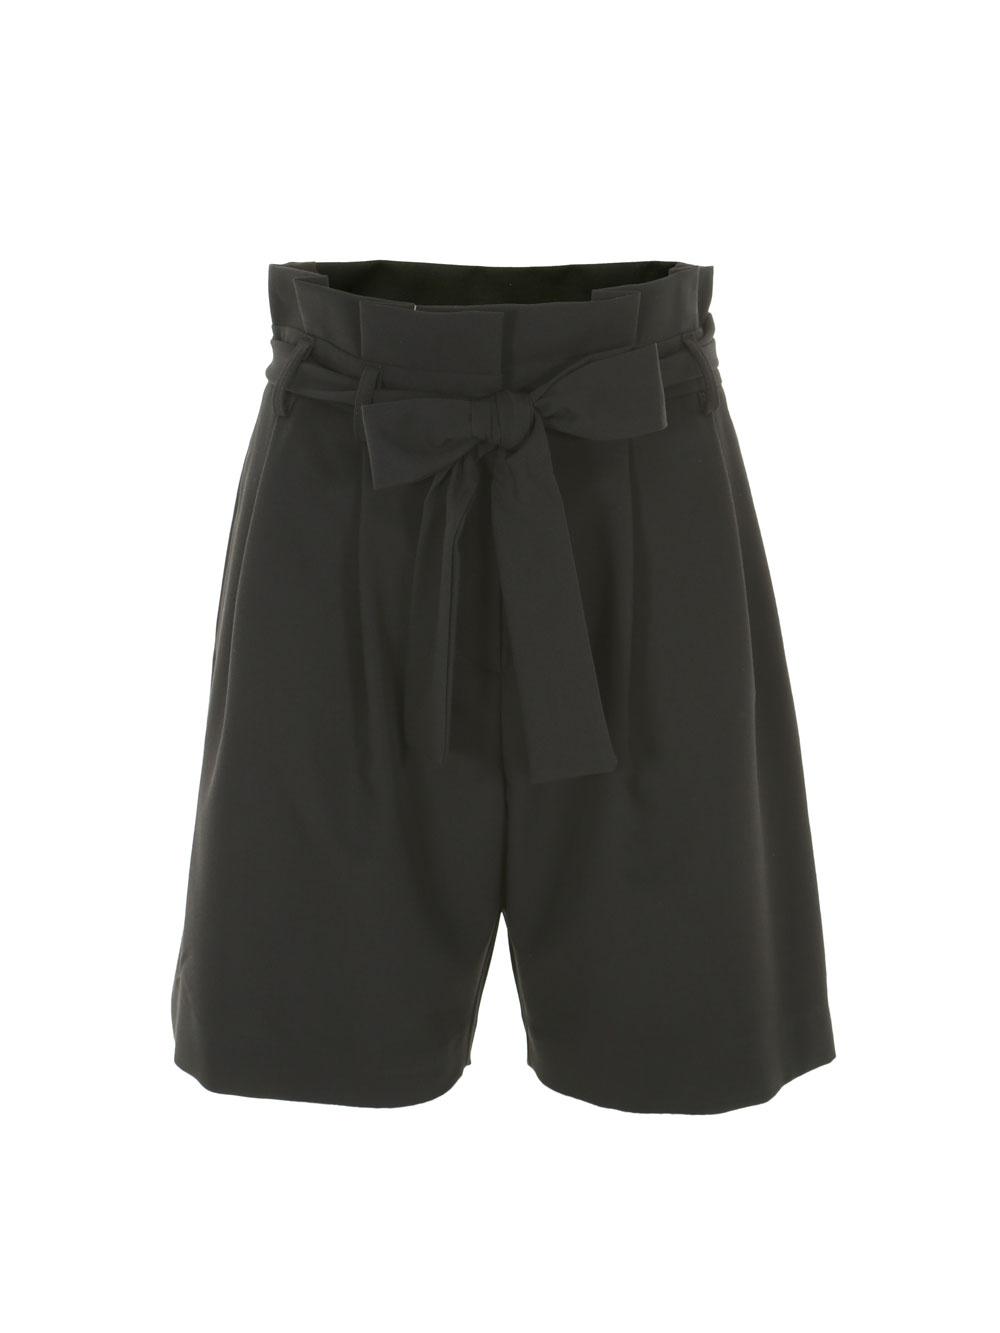 Женские шорты чёрного цвета, с поясом